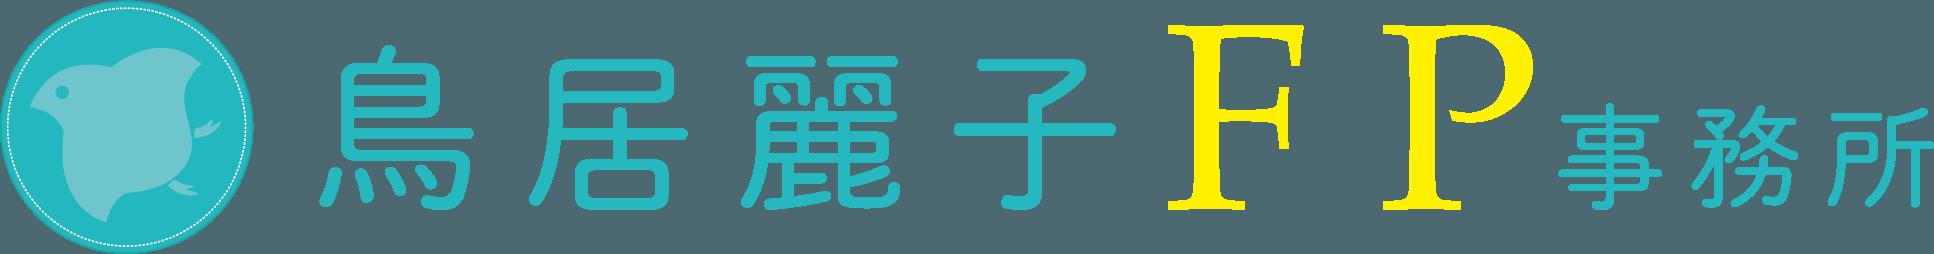 鳥居麗子FP事務所